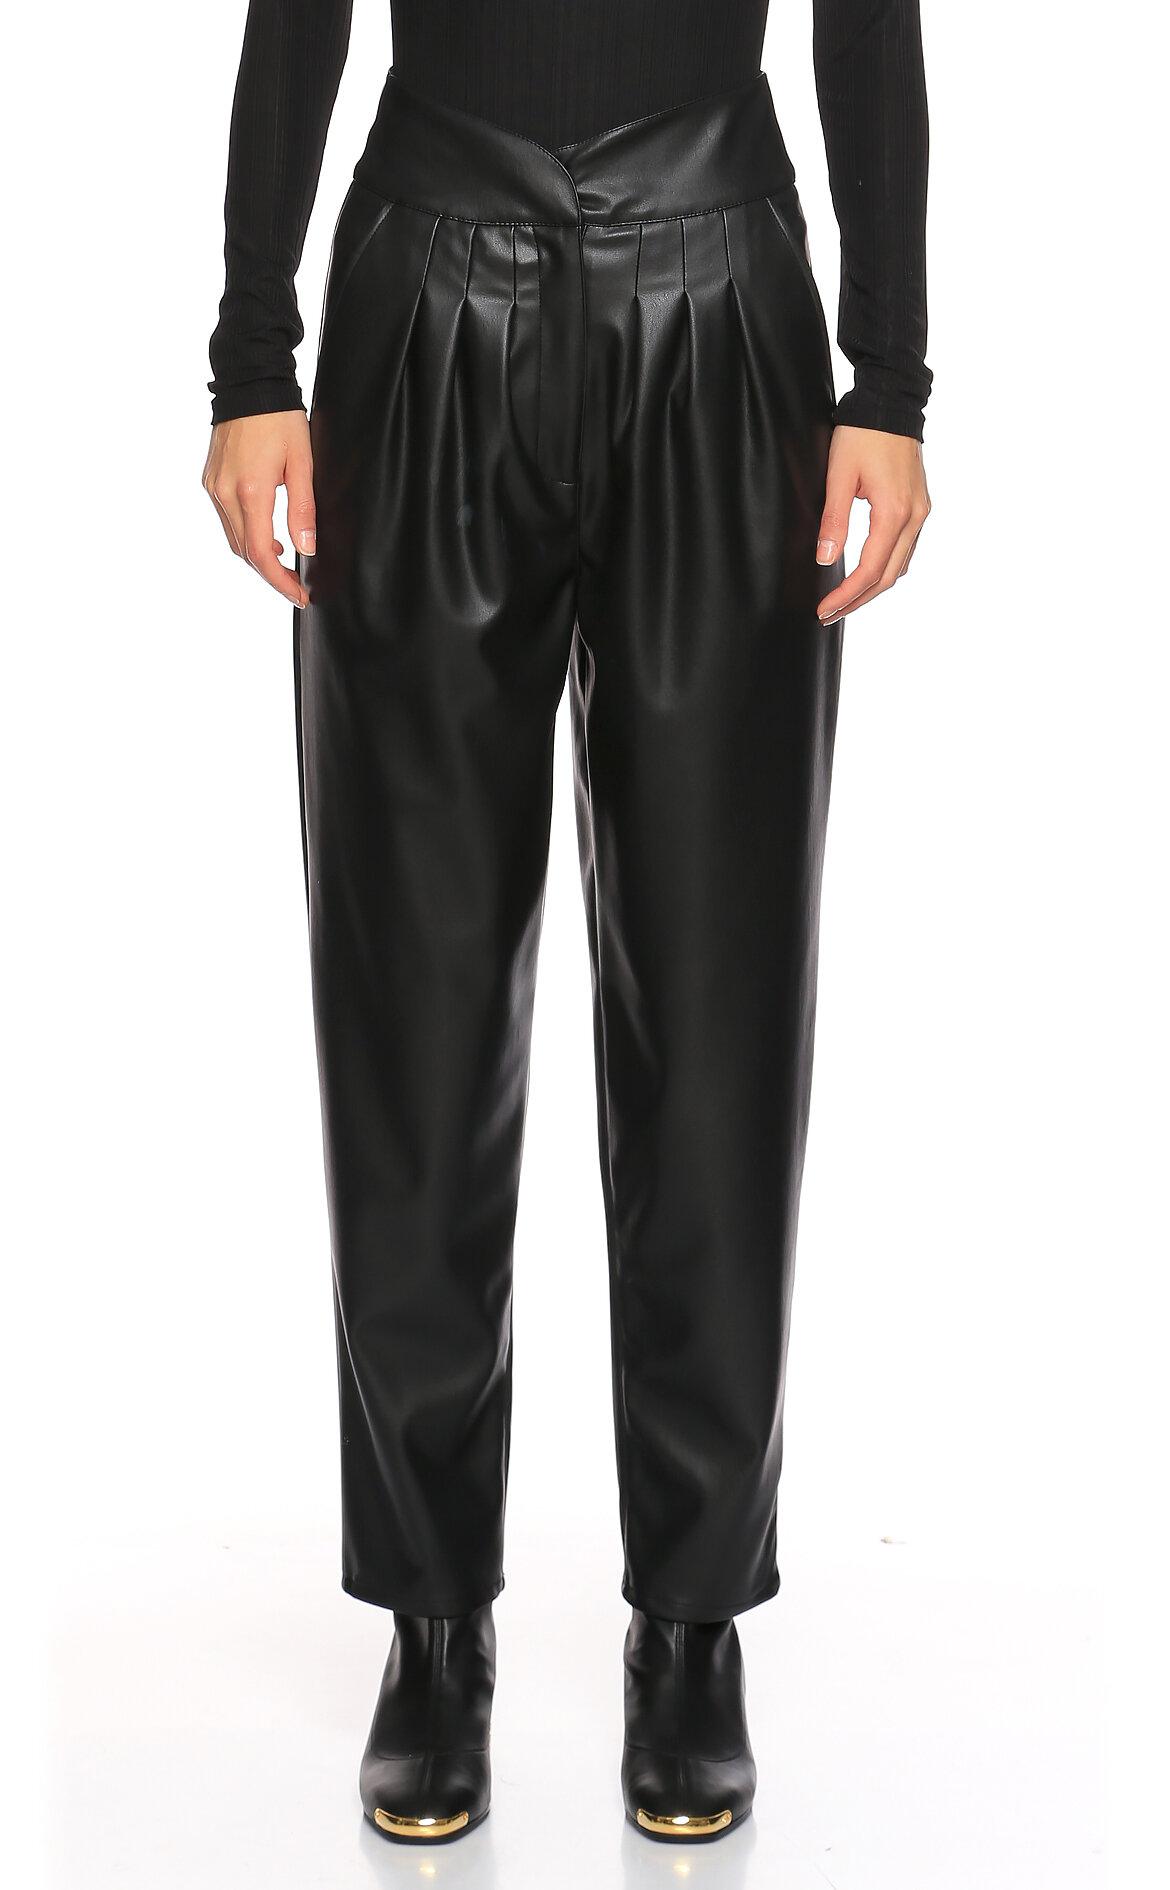 Nisse-Nisse Deri Yüksek Bel Siyah Pantolon